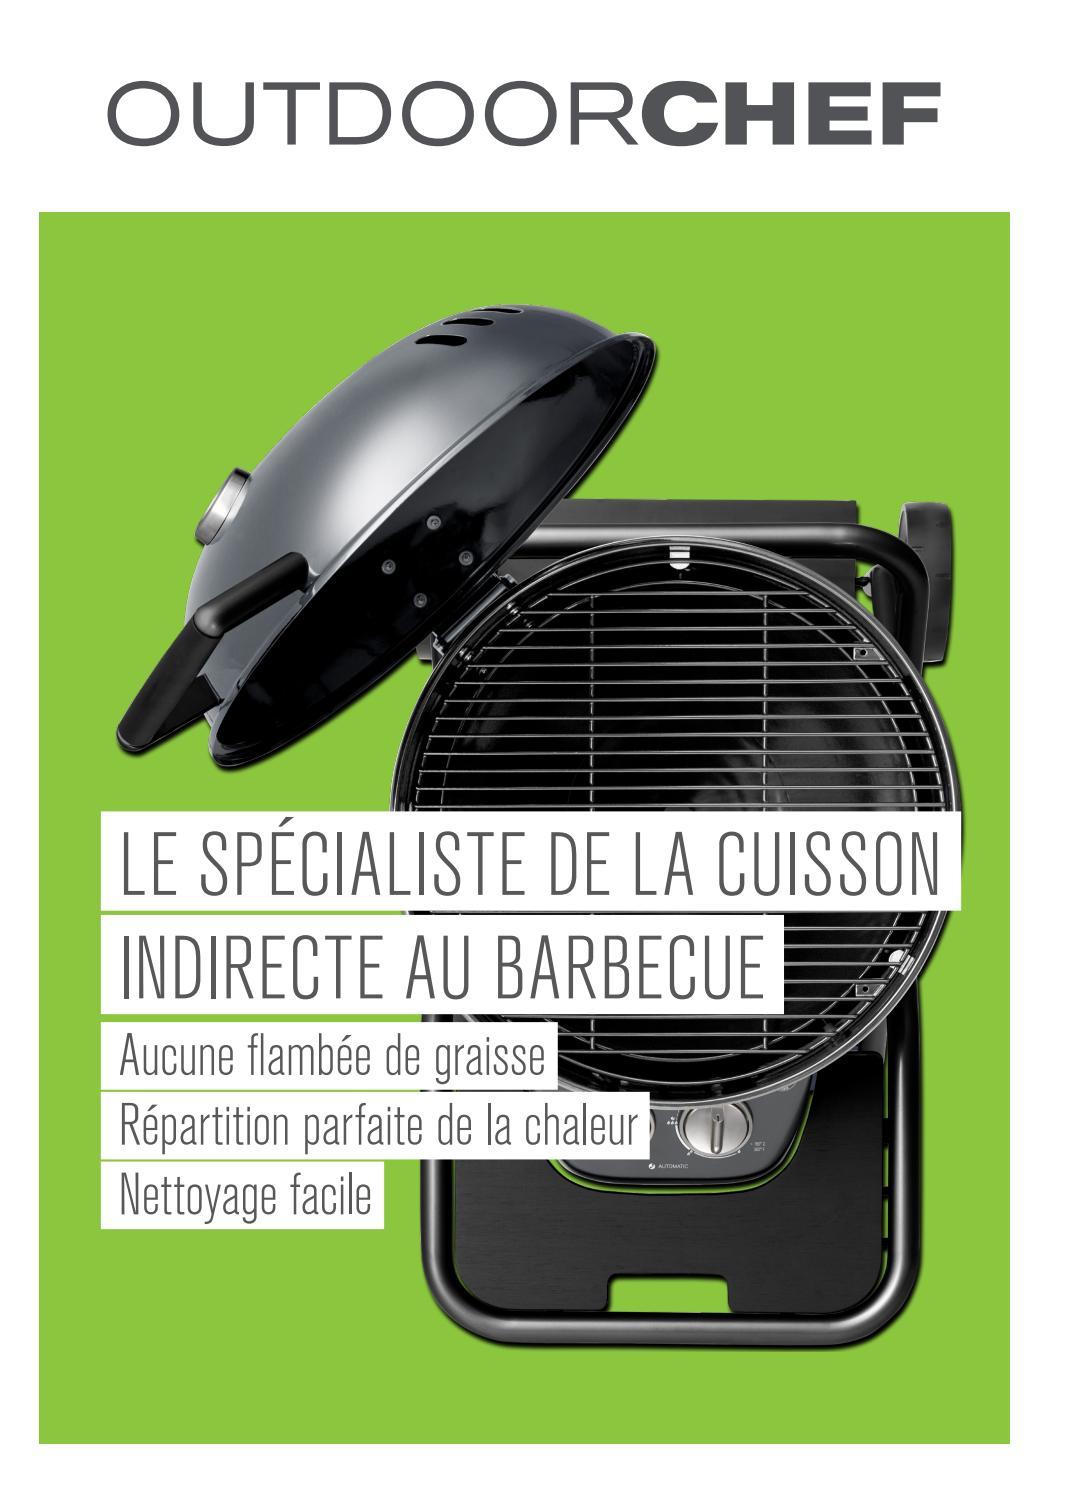 Nettoyer La Plancha En Fonte Émaillée outdoorchef catalogue 2018 suisse francaisoutdoorchef